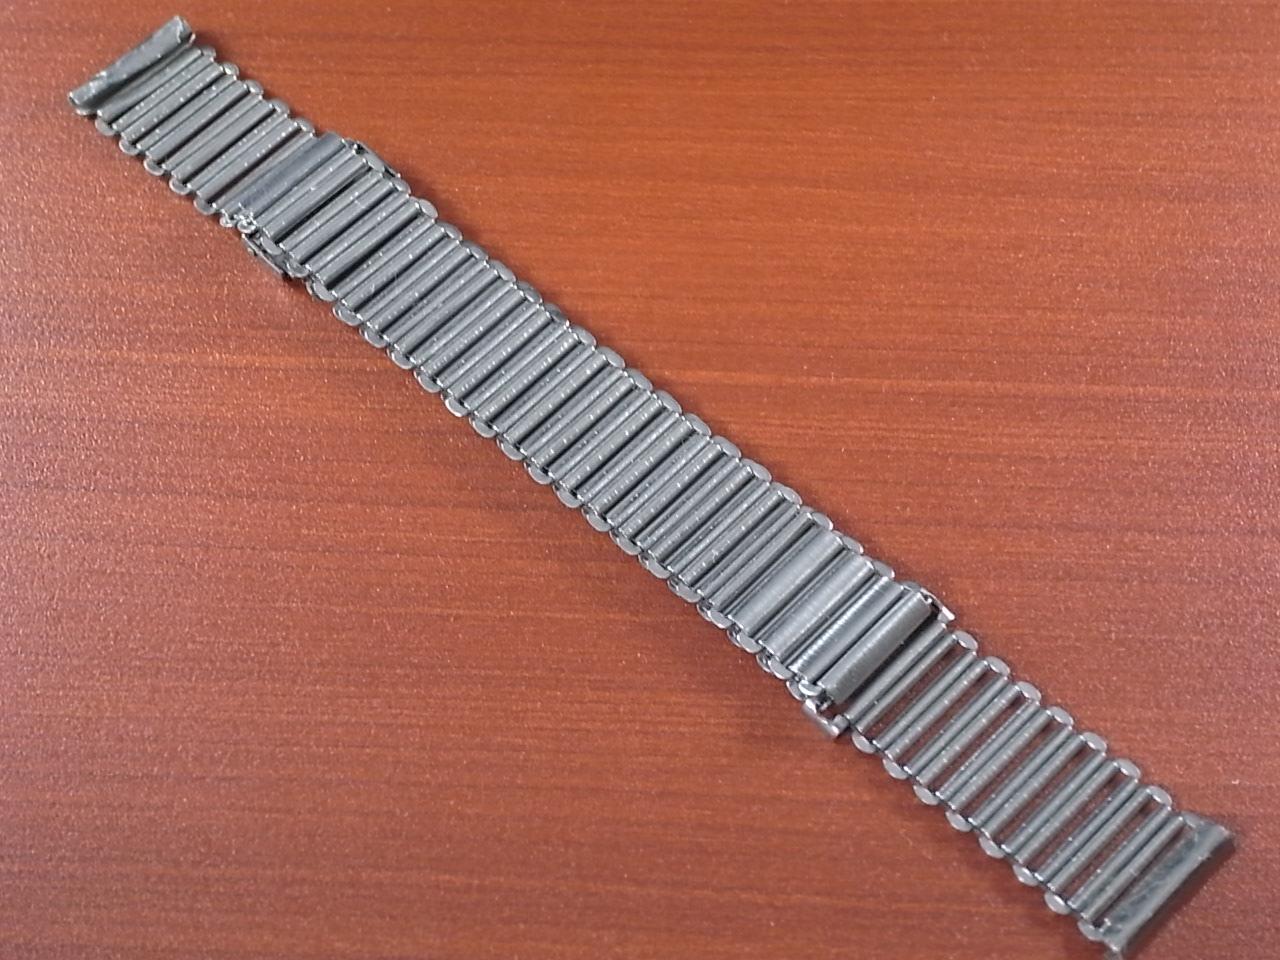 ボンクリップ バンブーブレス SS ブロック体ロゴ 16mmタイプ 16mm BONKLIPの写真4枚目